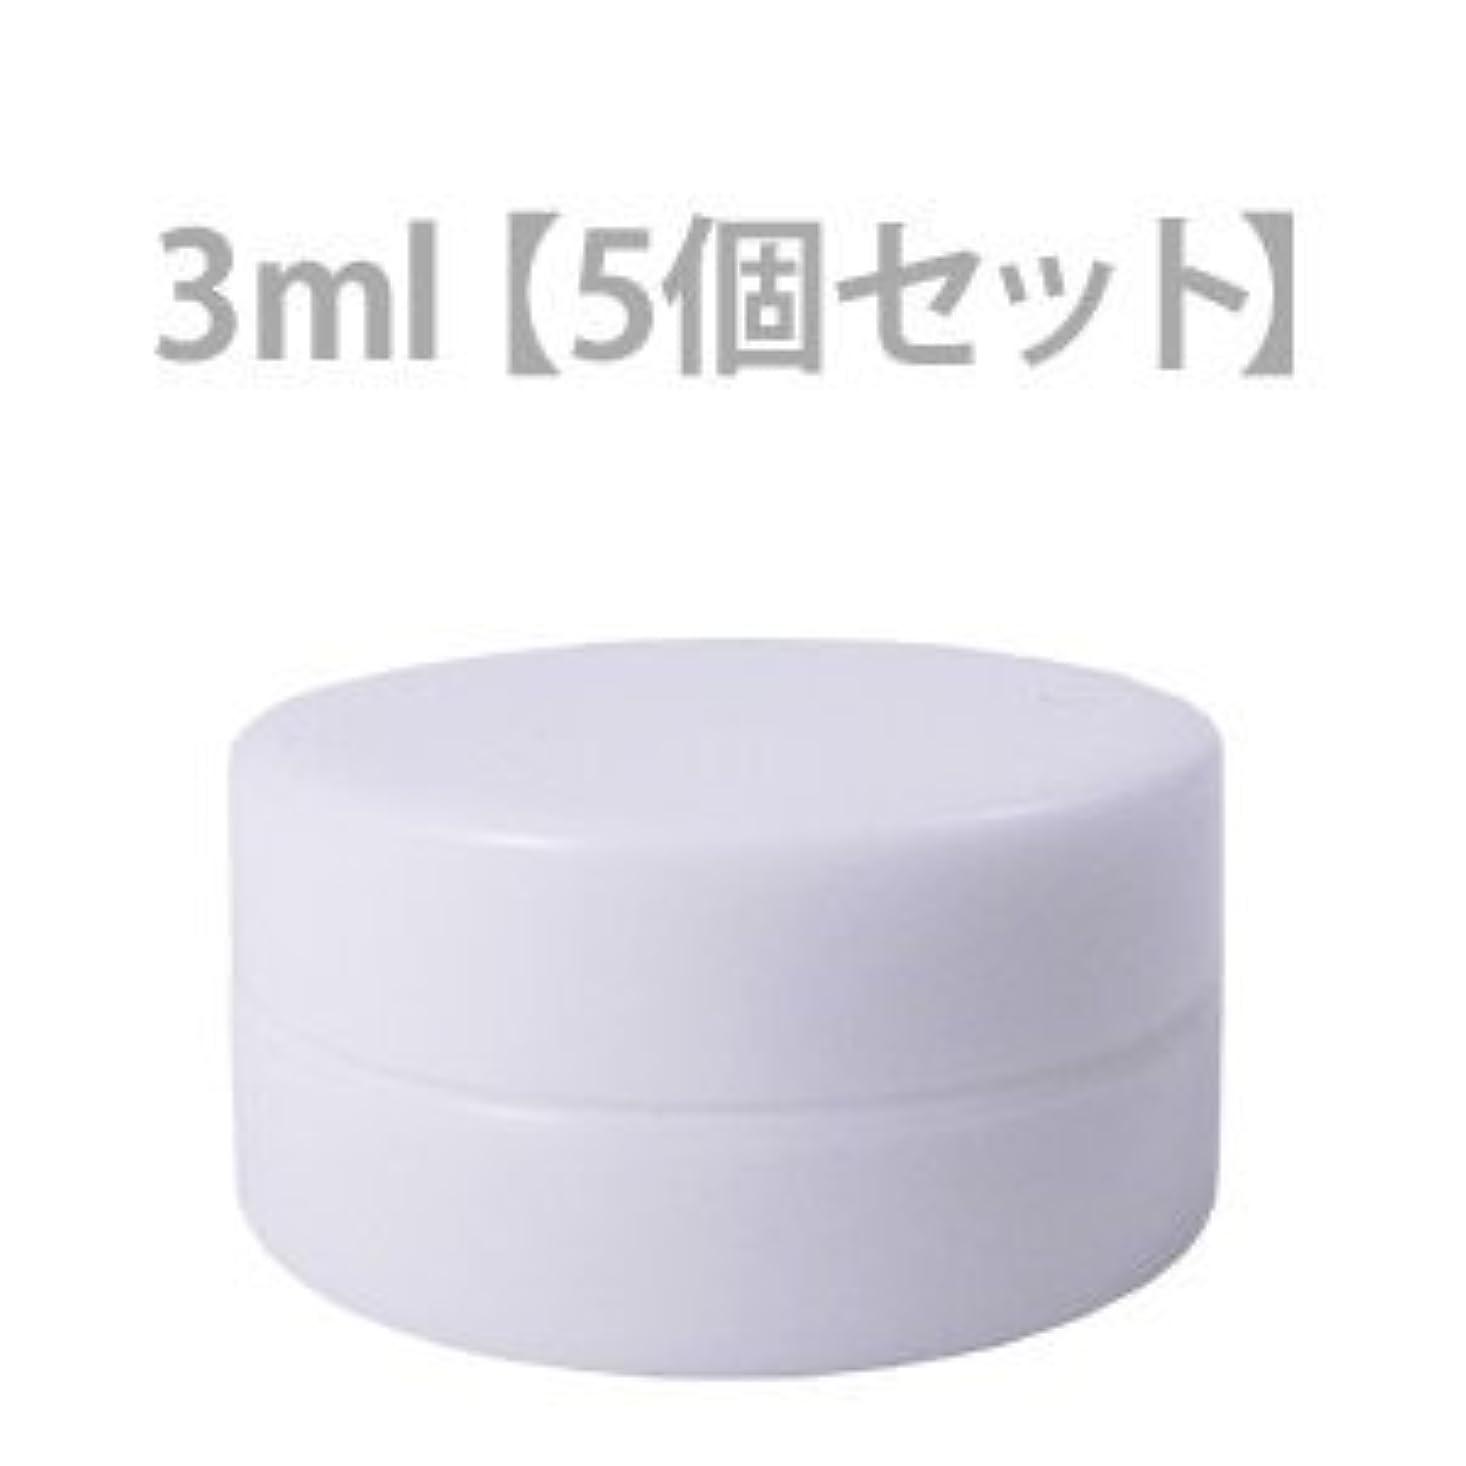 荒涼とした自治的チェリークリーム用容器 3ml (5個セット) 【化粧品容器】